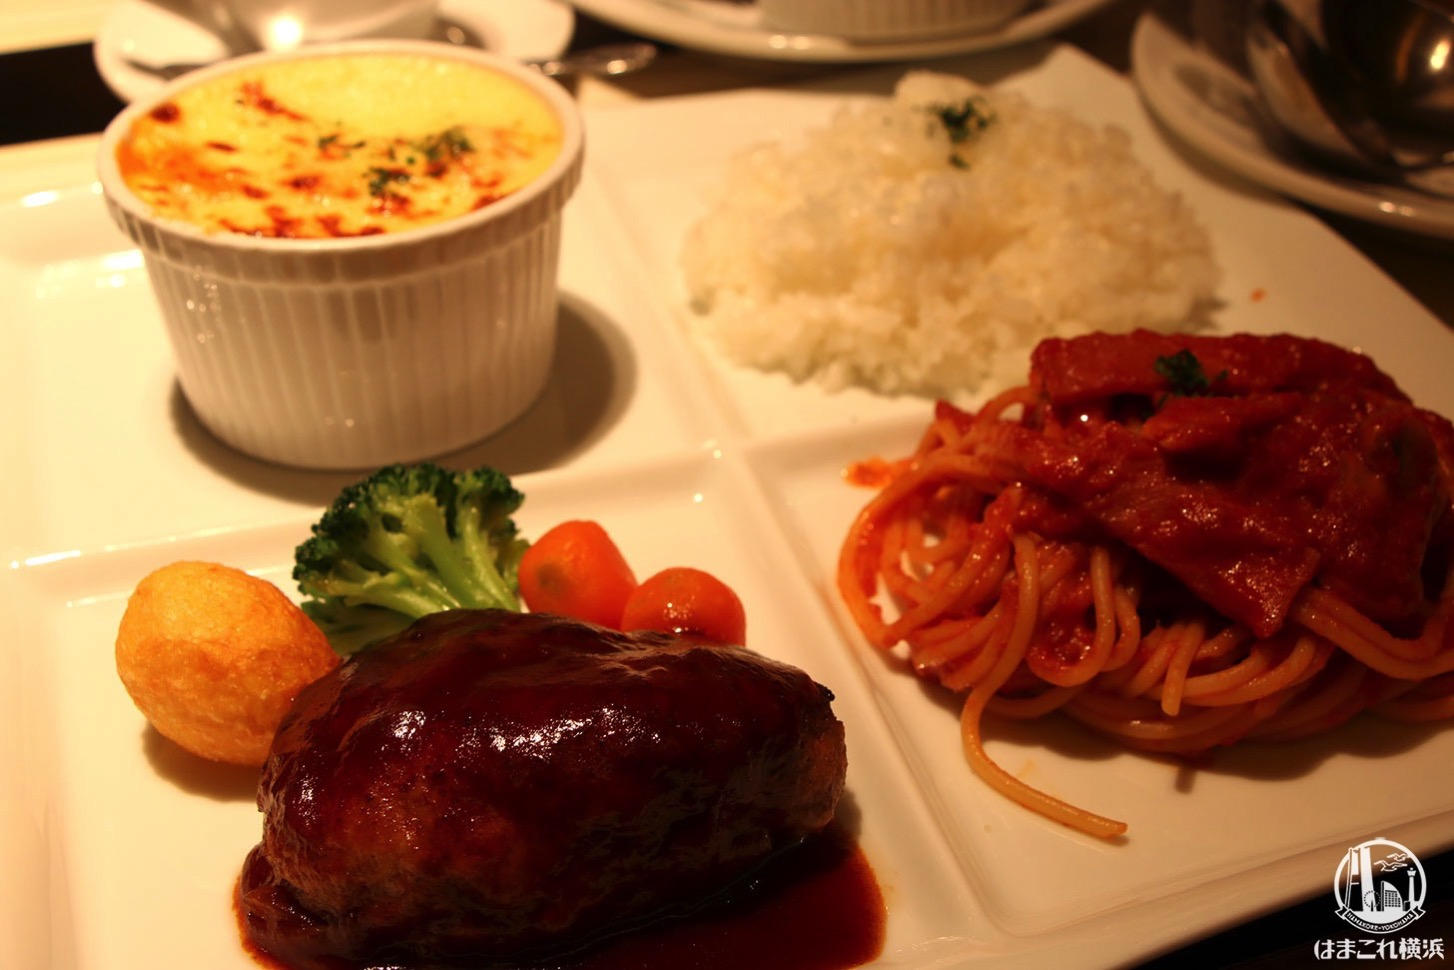 食いしん坊の一皿 ホテルニューグランド物語 シーフードドリア